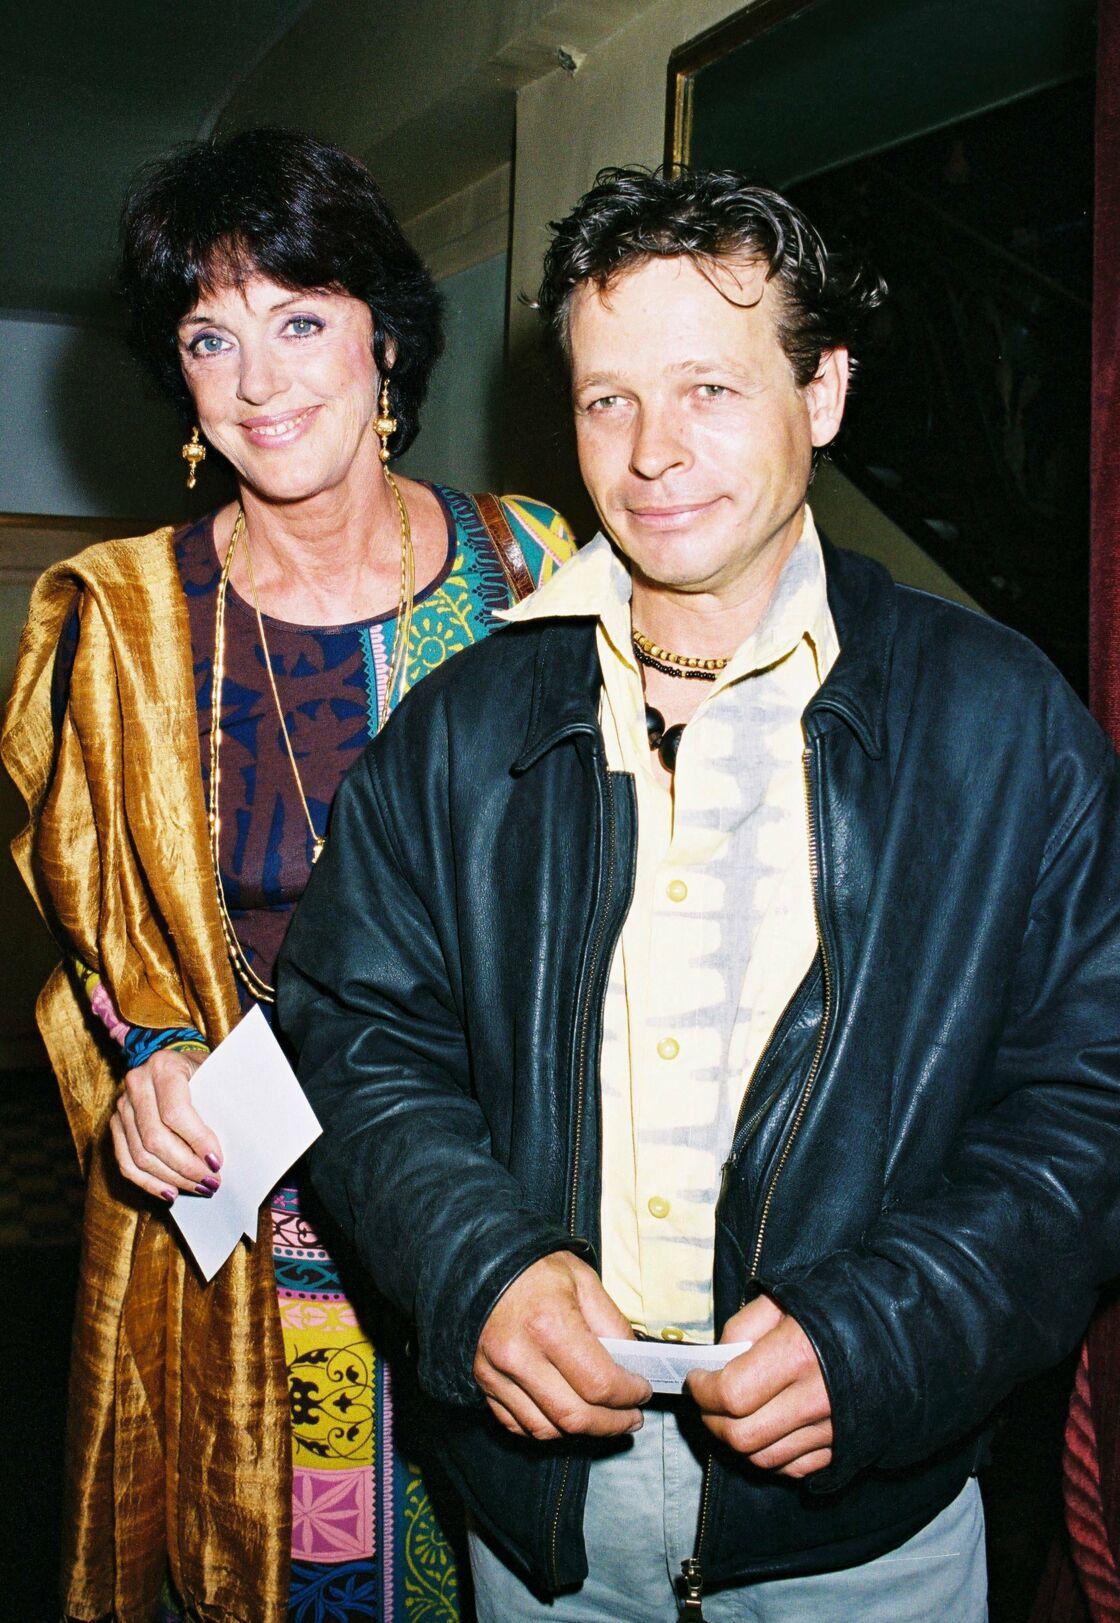 Anny Duperey avec le deuxième grand amour de sa vie, l'acteur Cris Campion, en 2003. Lorsqu'ils se rencontrent en 1993, leurs 19 ans d'écart ne les effraient pas. Anny choisira toutefois de lui rendre sa liberté au bout de 10 ans de vie commune.